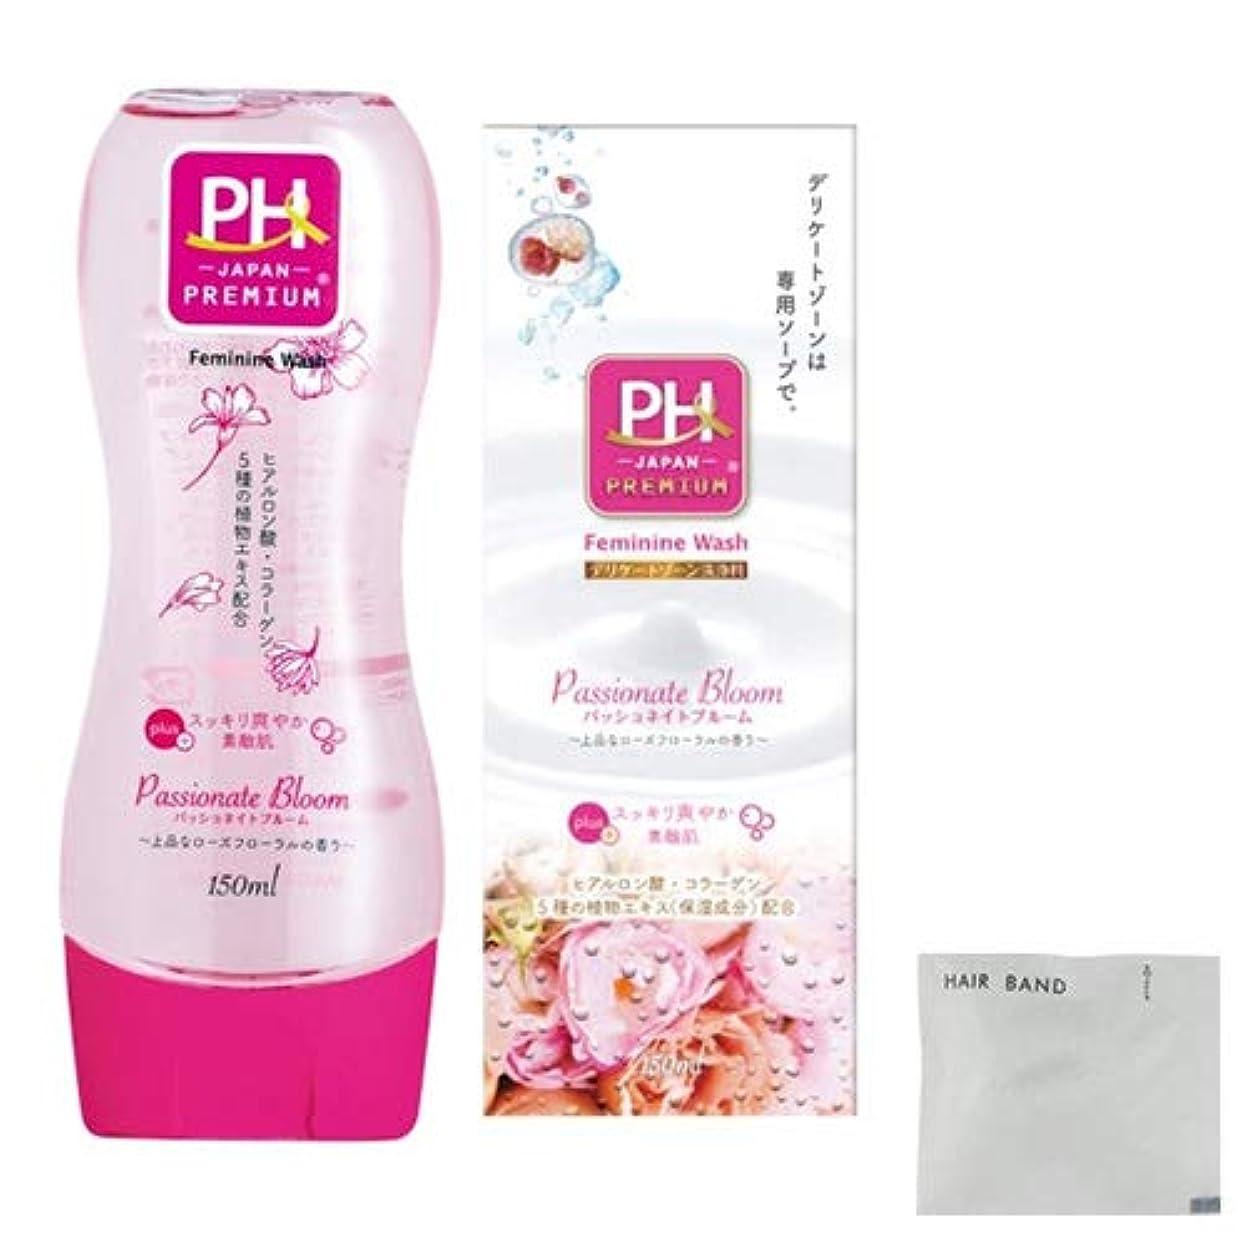 夫不純ずんぐりしたPH JAPAN プレミアム フェミニンウォッシュ 150ml パッショネイトブルーム + ヘアゴム(カラーはおまかせ)セット